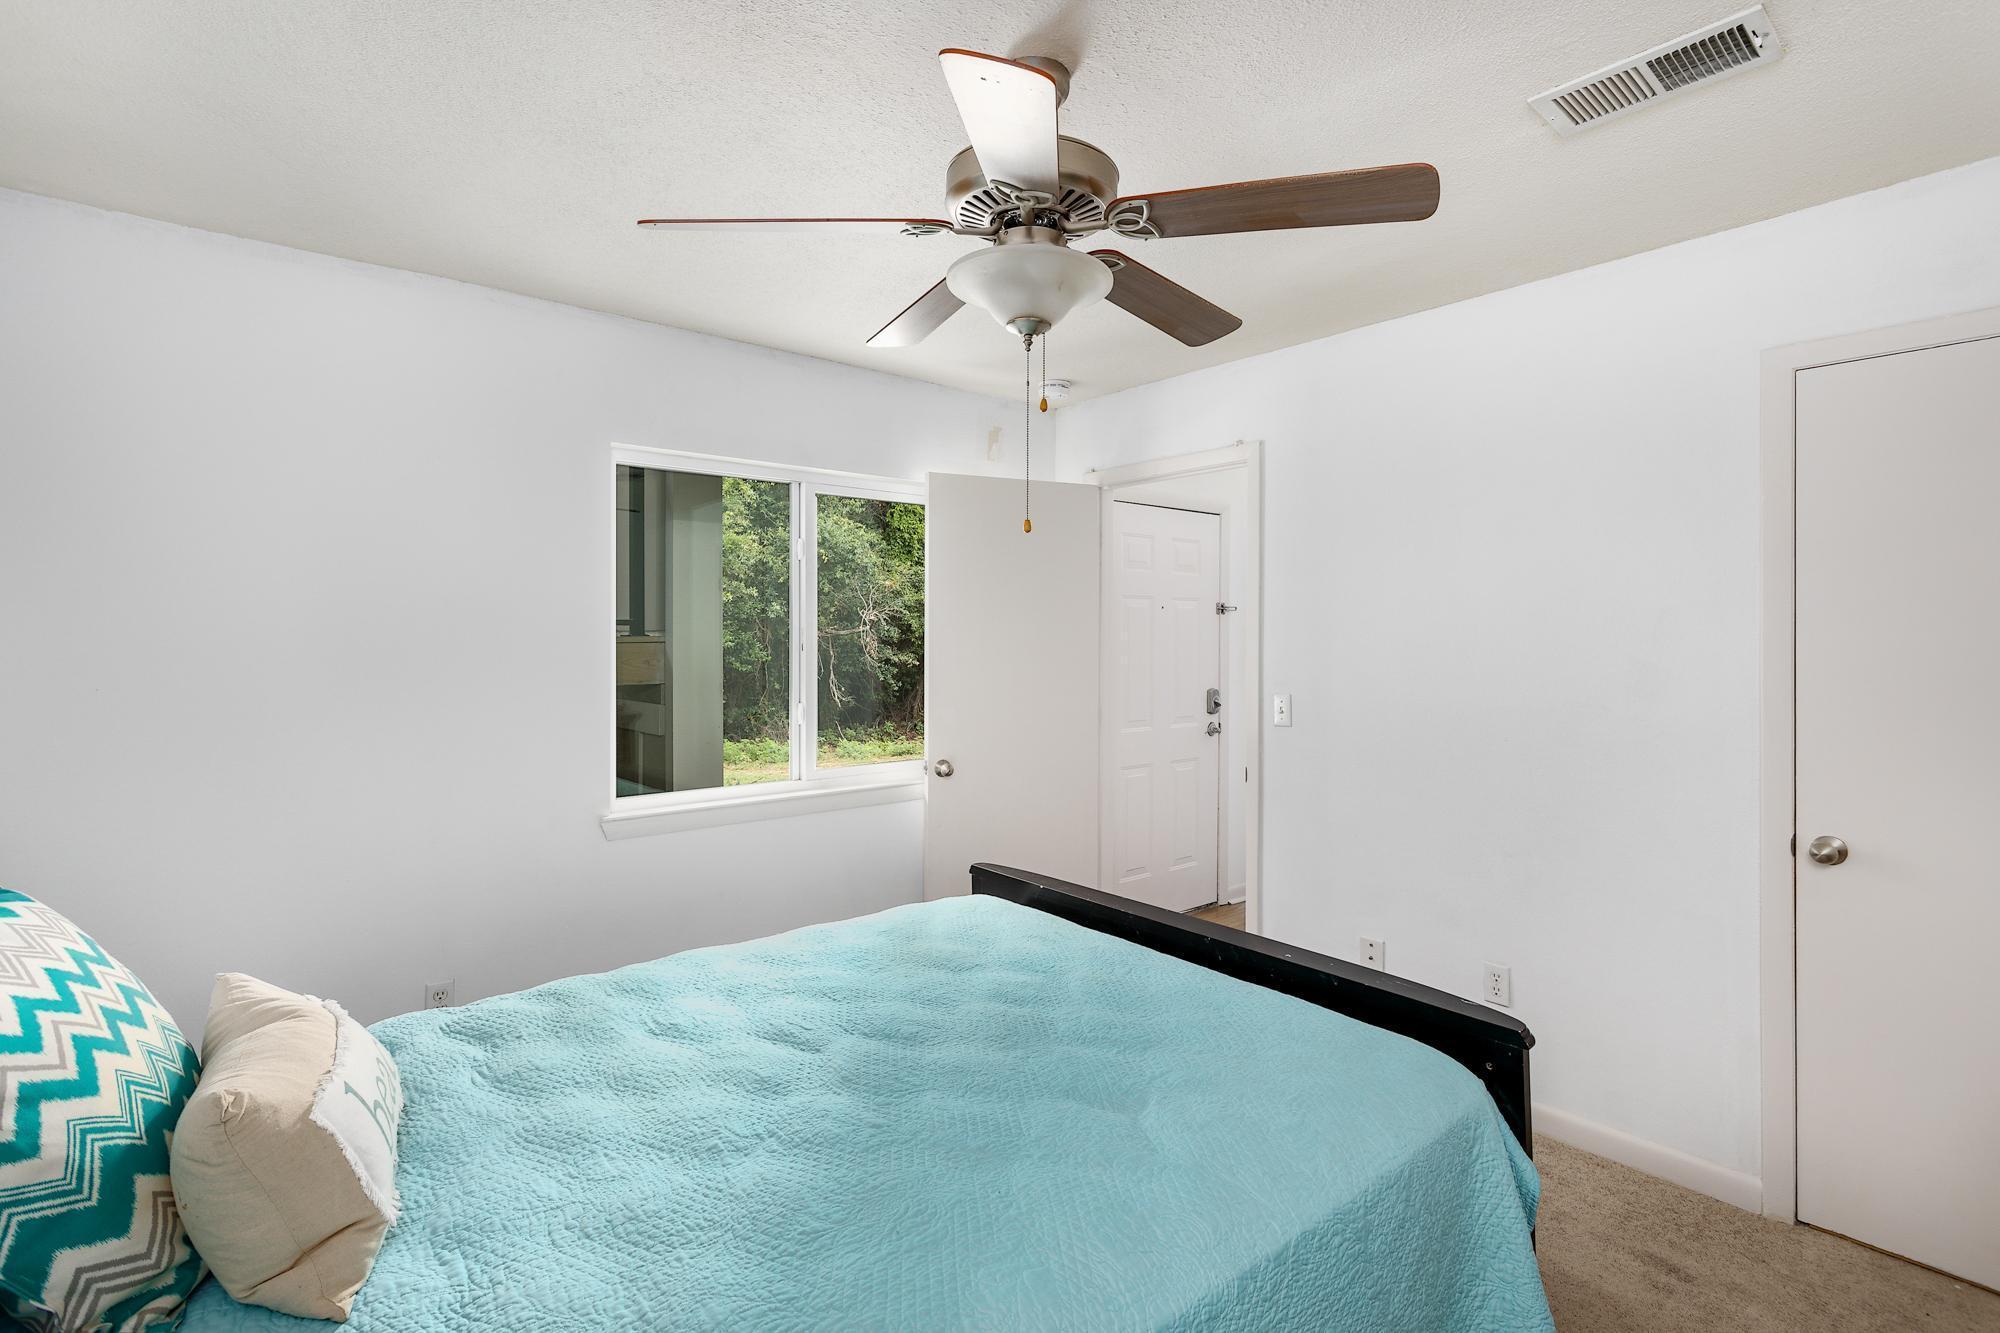 East Bridge Town Lofts Homes For Sale - 268 Alexandra, Mount Pleasant, SC - 5